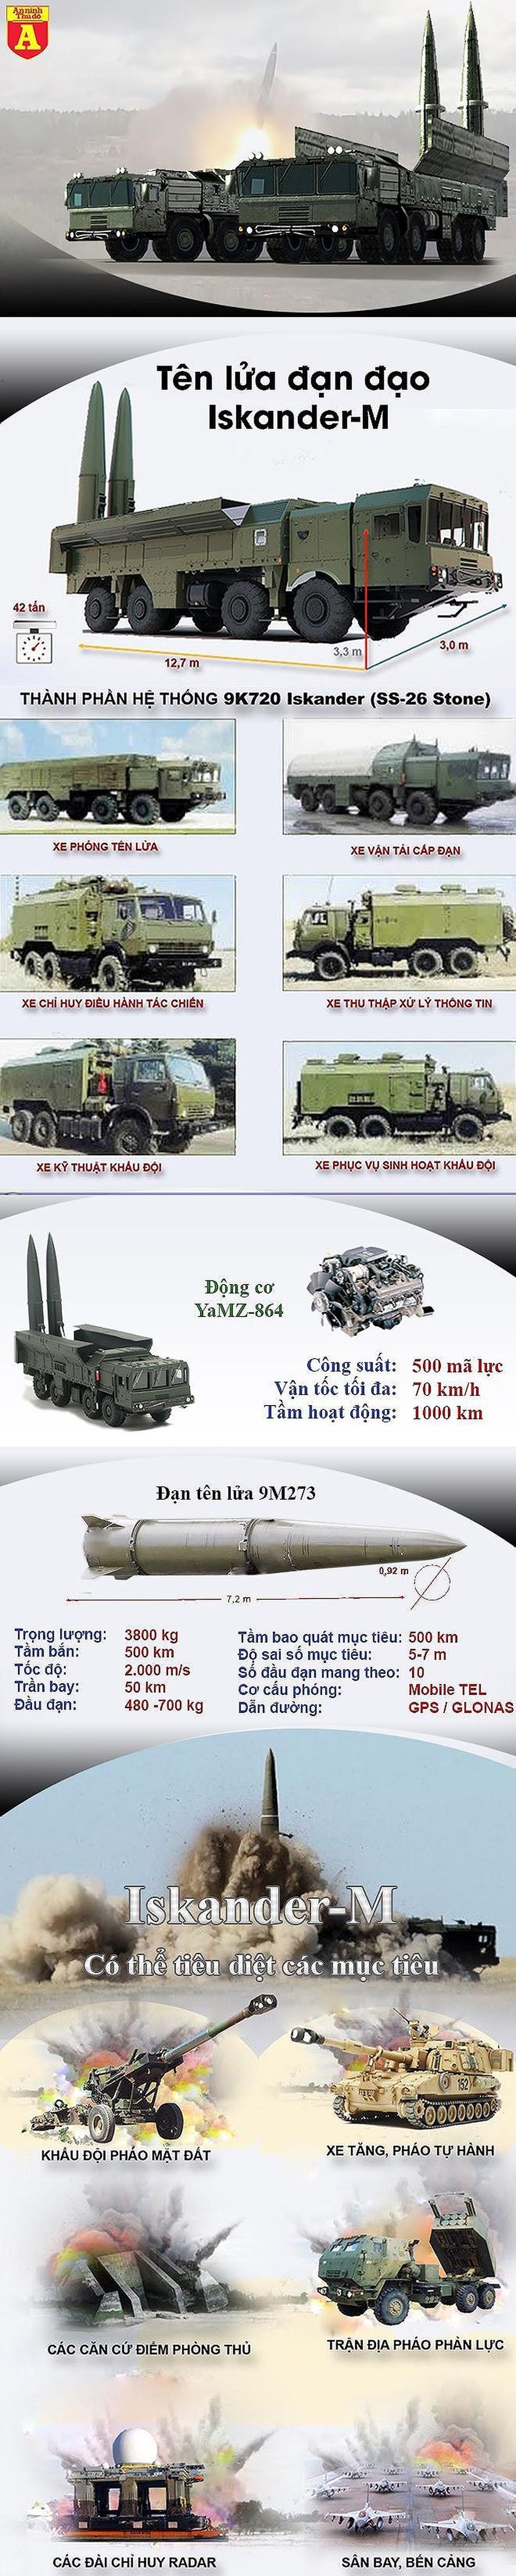 [Info] Dù Iskander-M Nga khai hỏa tại Syria, đích chính không chỉ là diệt khủng bố ảnh 2